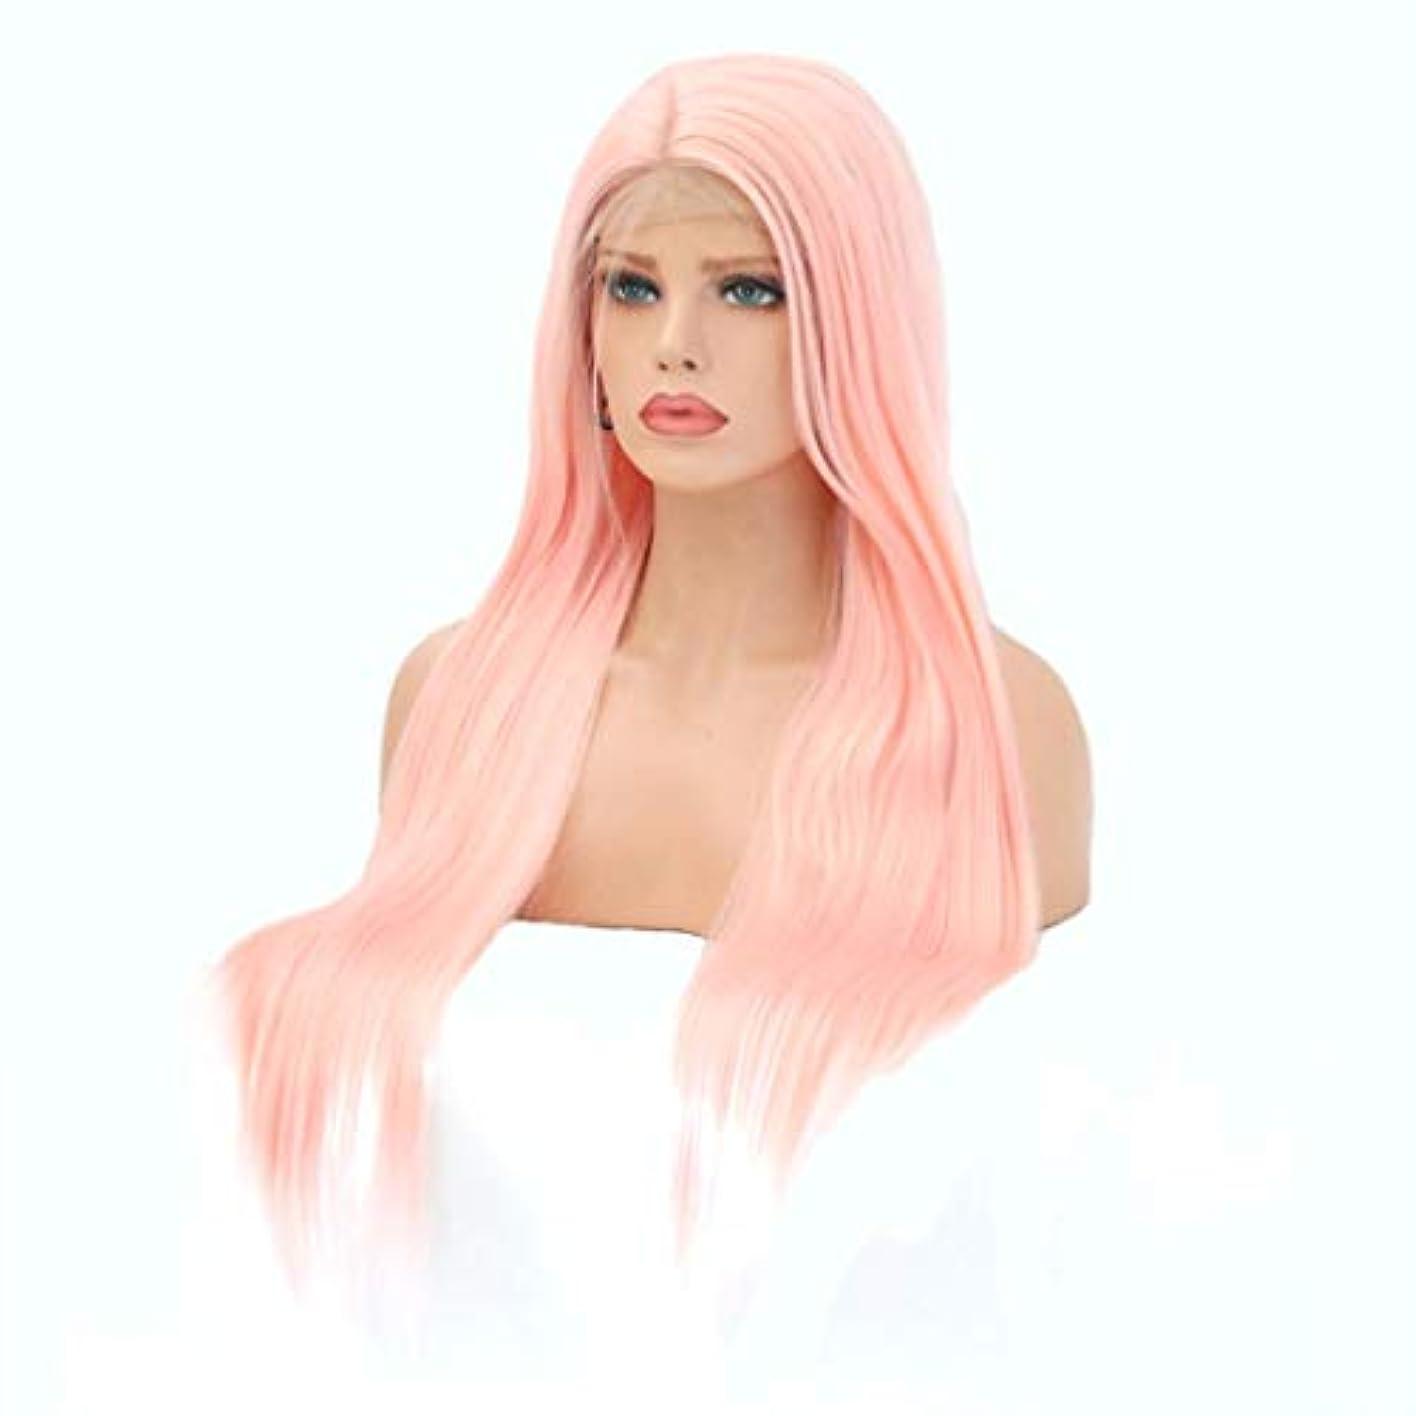 サミット有効化夏Kerwinner 女性のためのフロントレースウィッグピンクの長いストレートの髪の化学繊維ウィッグヘッドギア